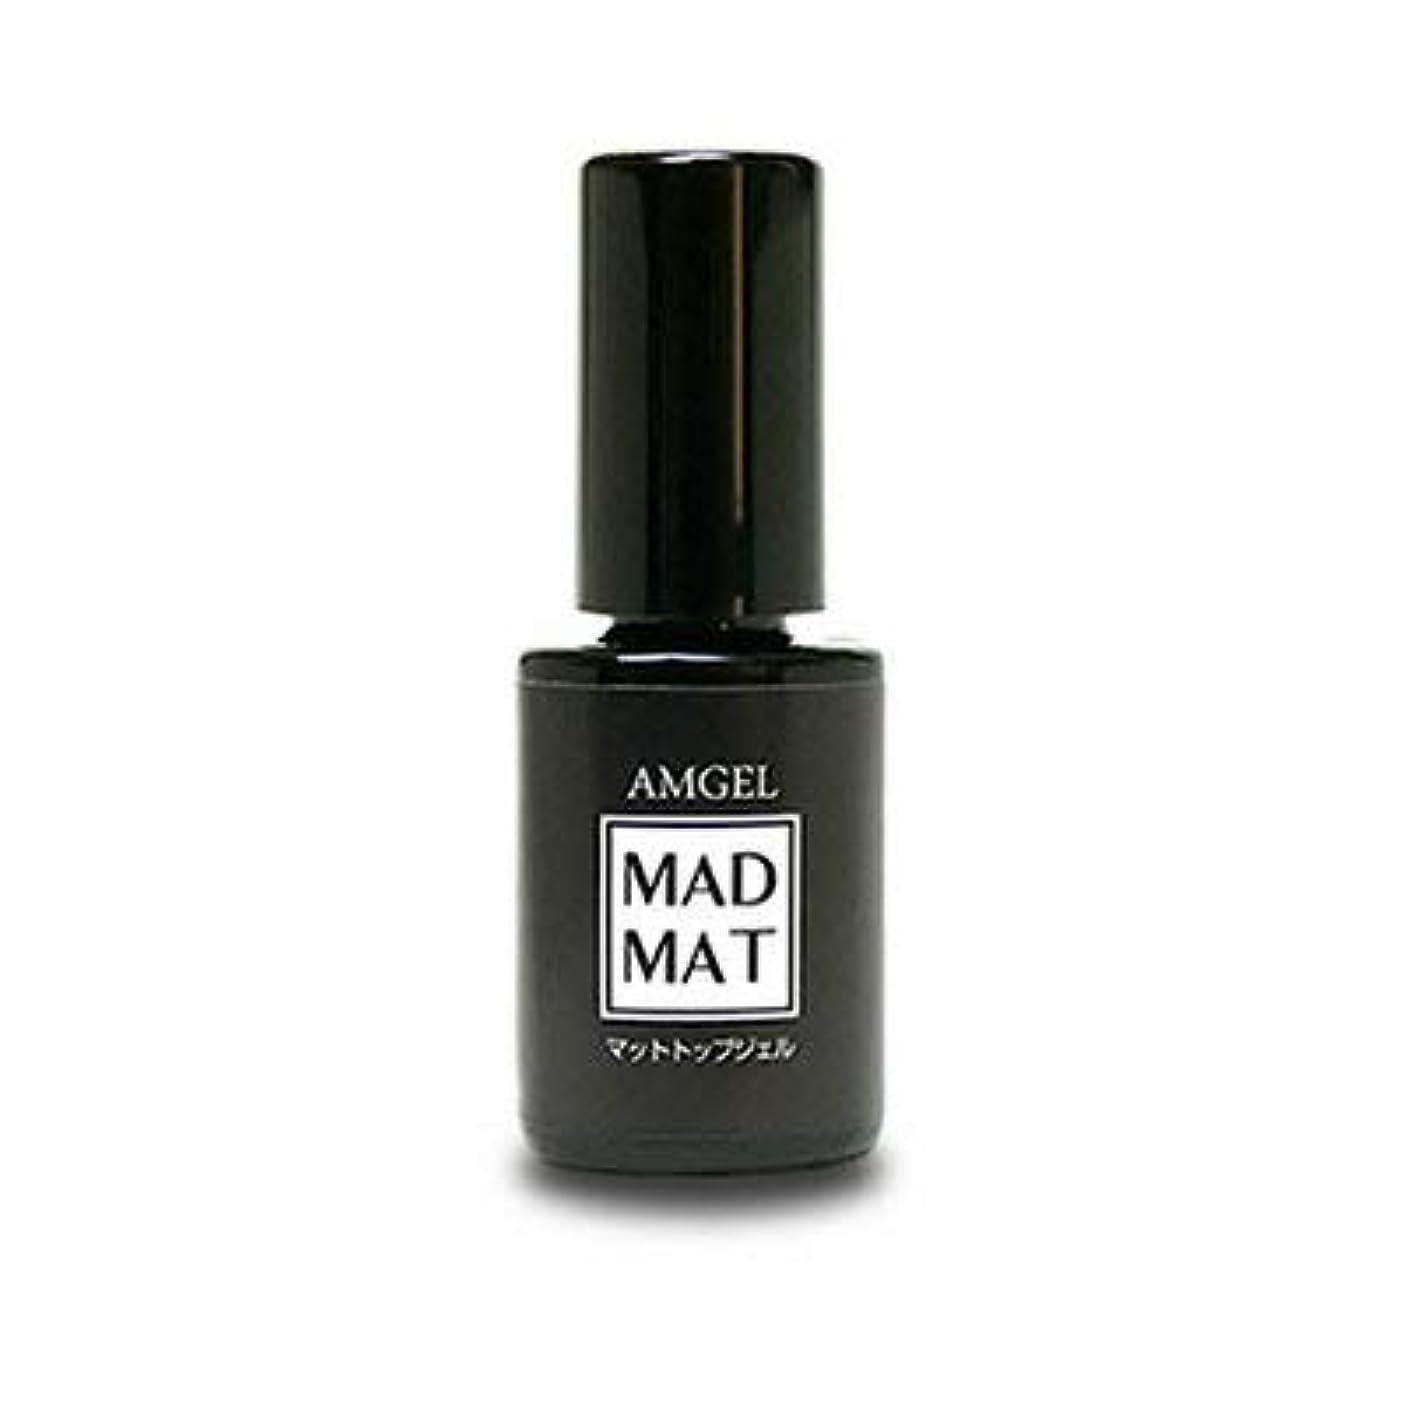 ビームプレゼントどれかアンジェル マットトップジェル MADMAT(マッドマット)AG9011